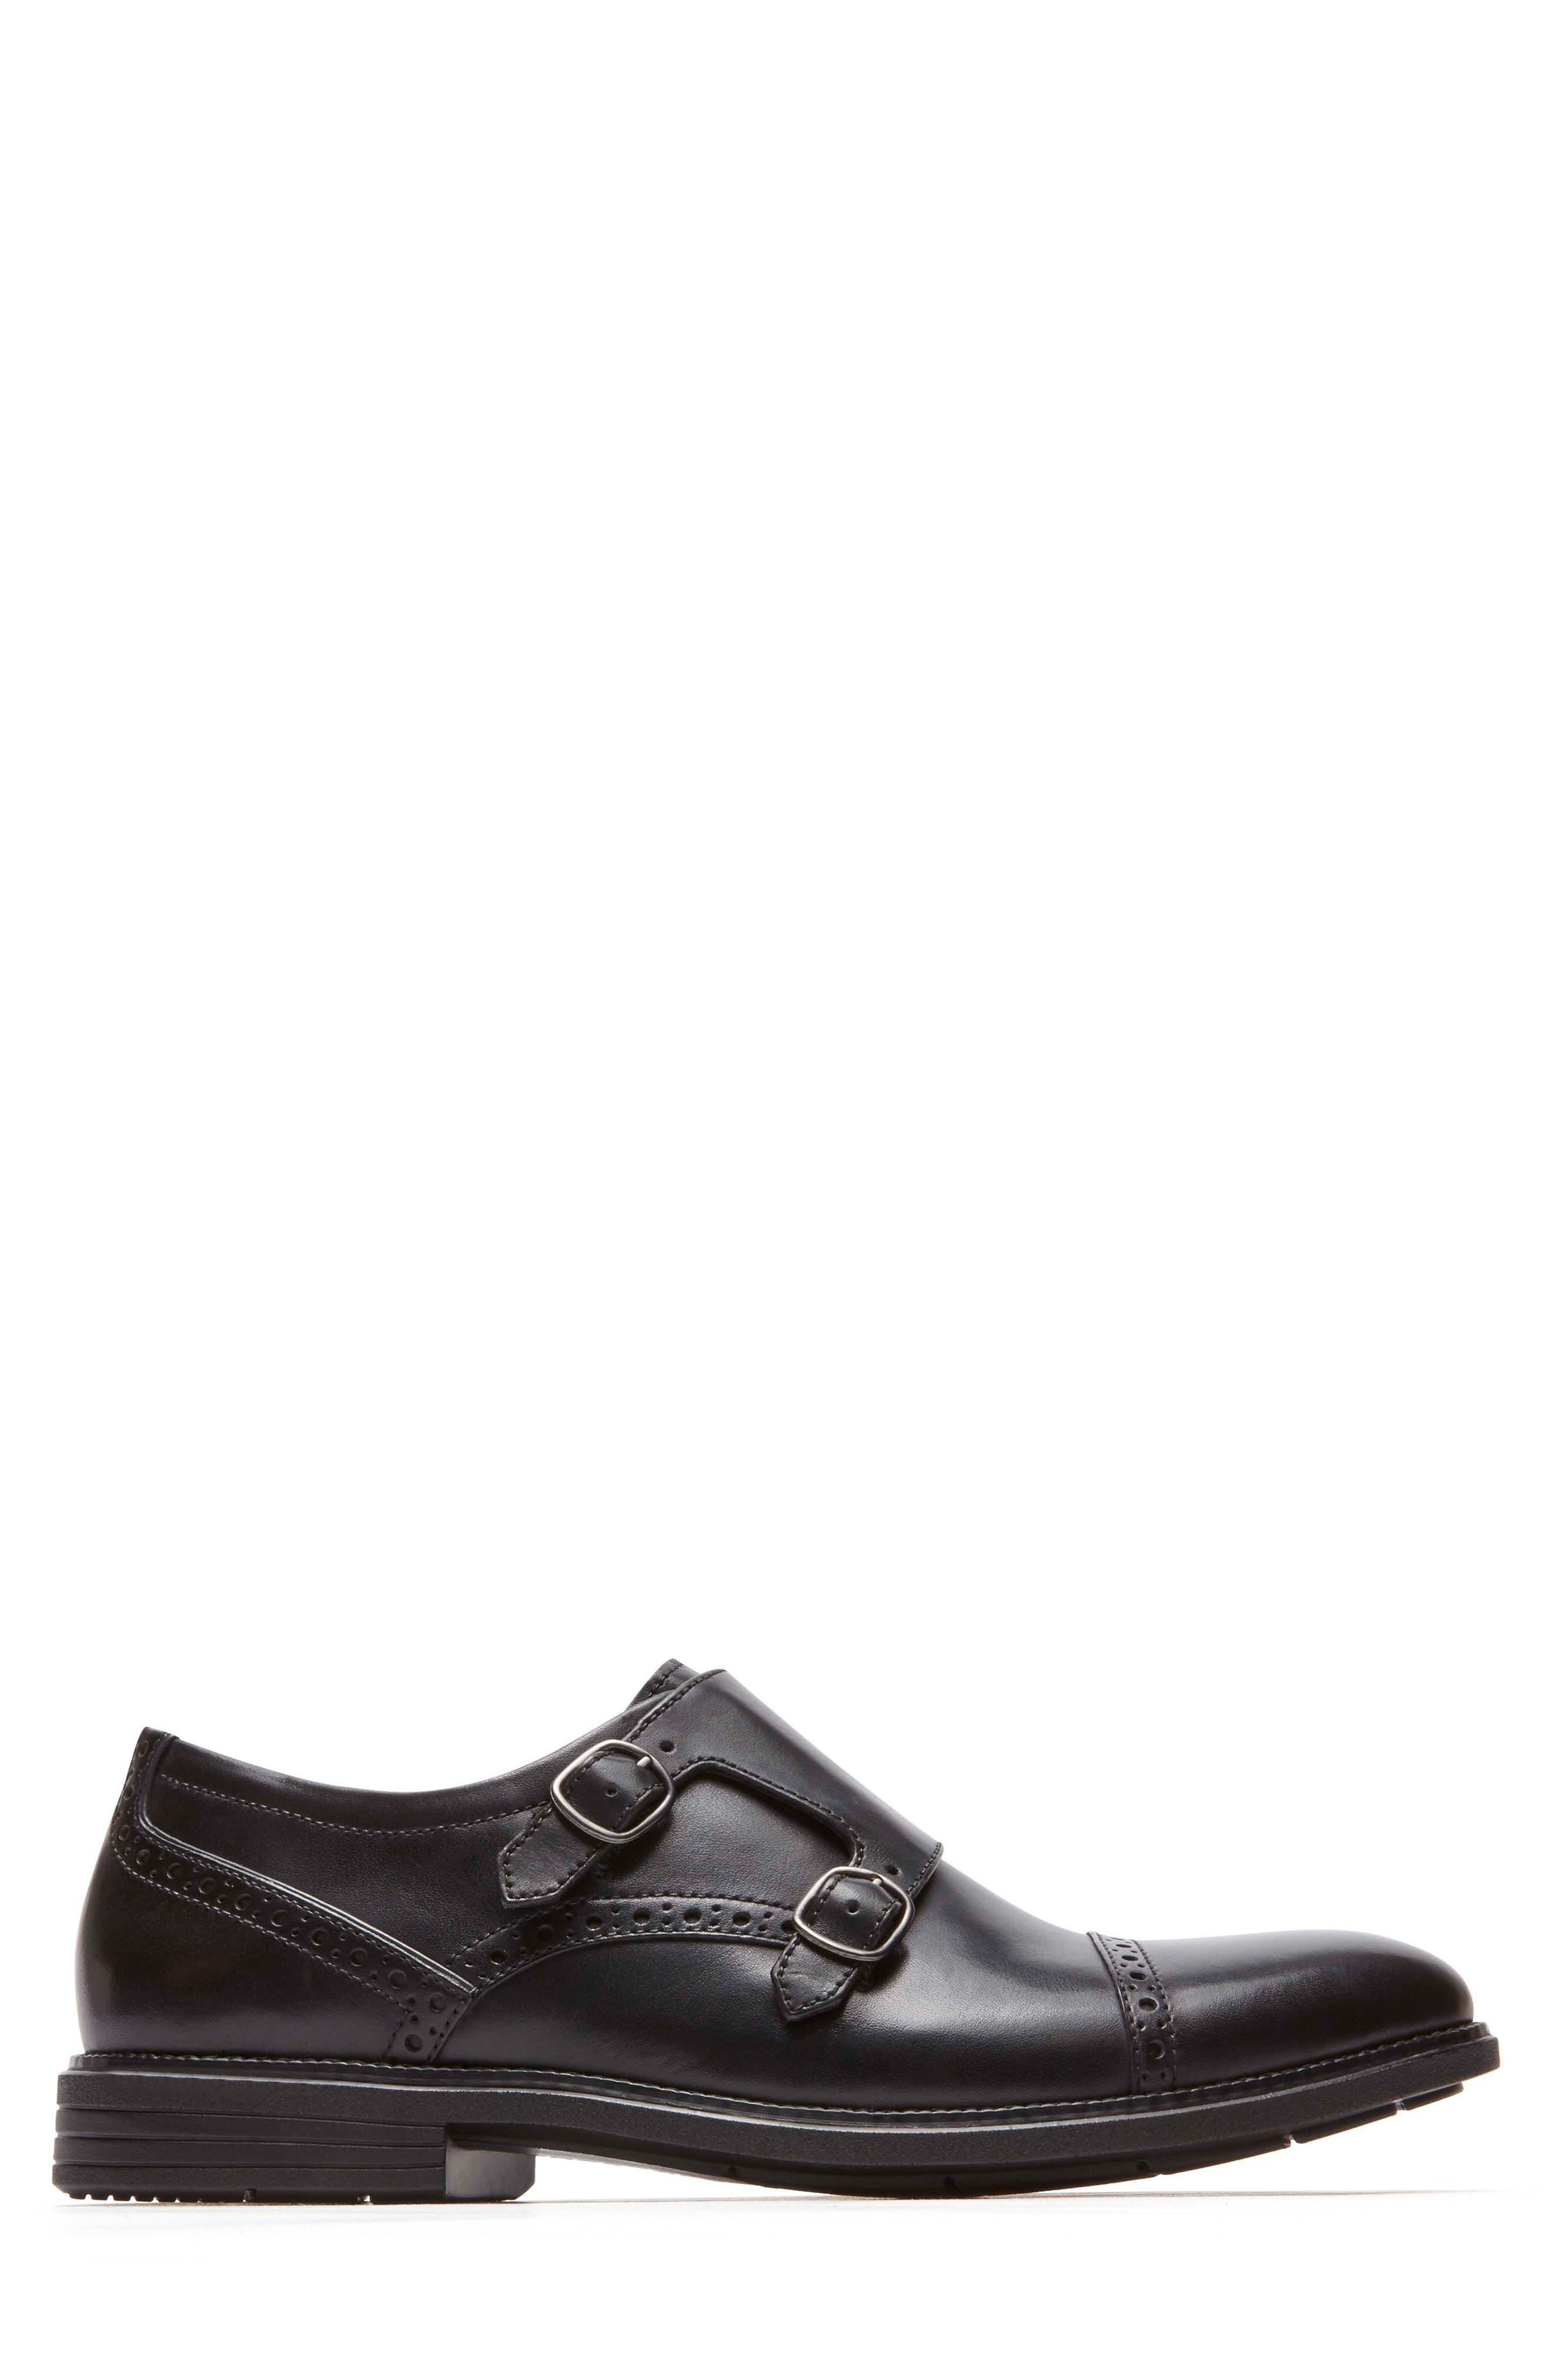 Madson Double Monk Strap Shoe,                             Alternate thumbnail 3, color,                             001